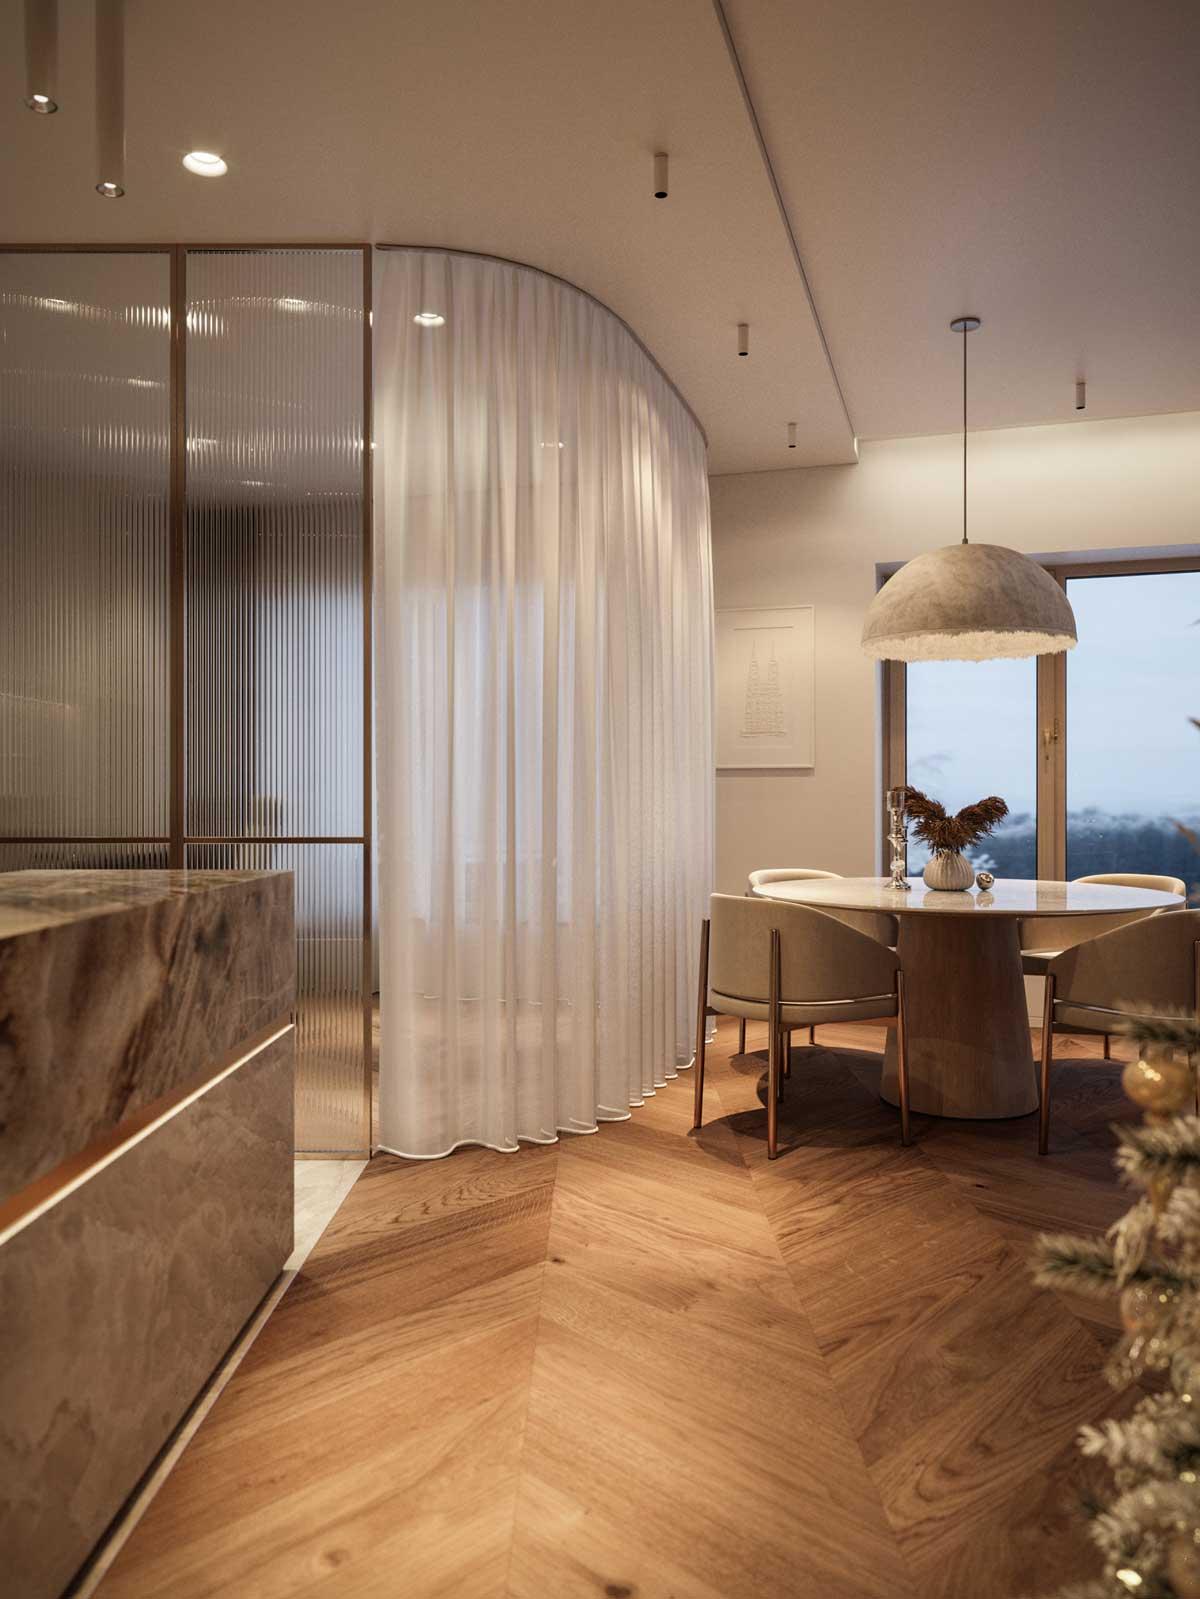 En soirée, des couleurs chaudes pour une atmosphère douce dans cette salle à manger en bois et marbre avec un rideau